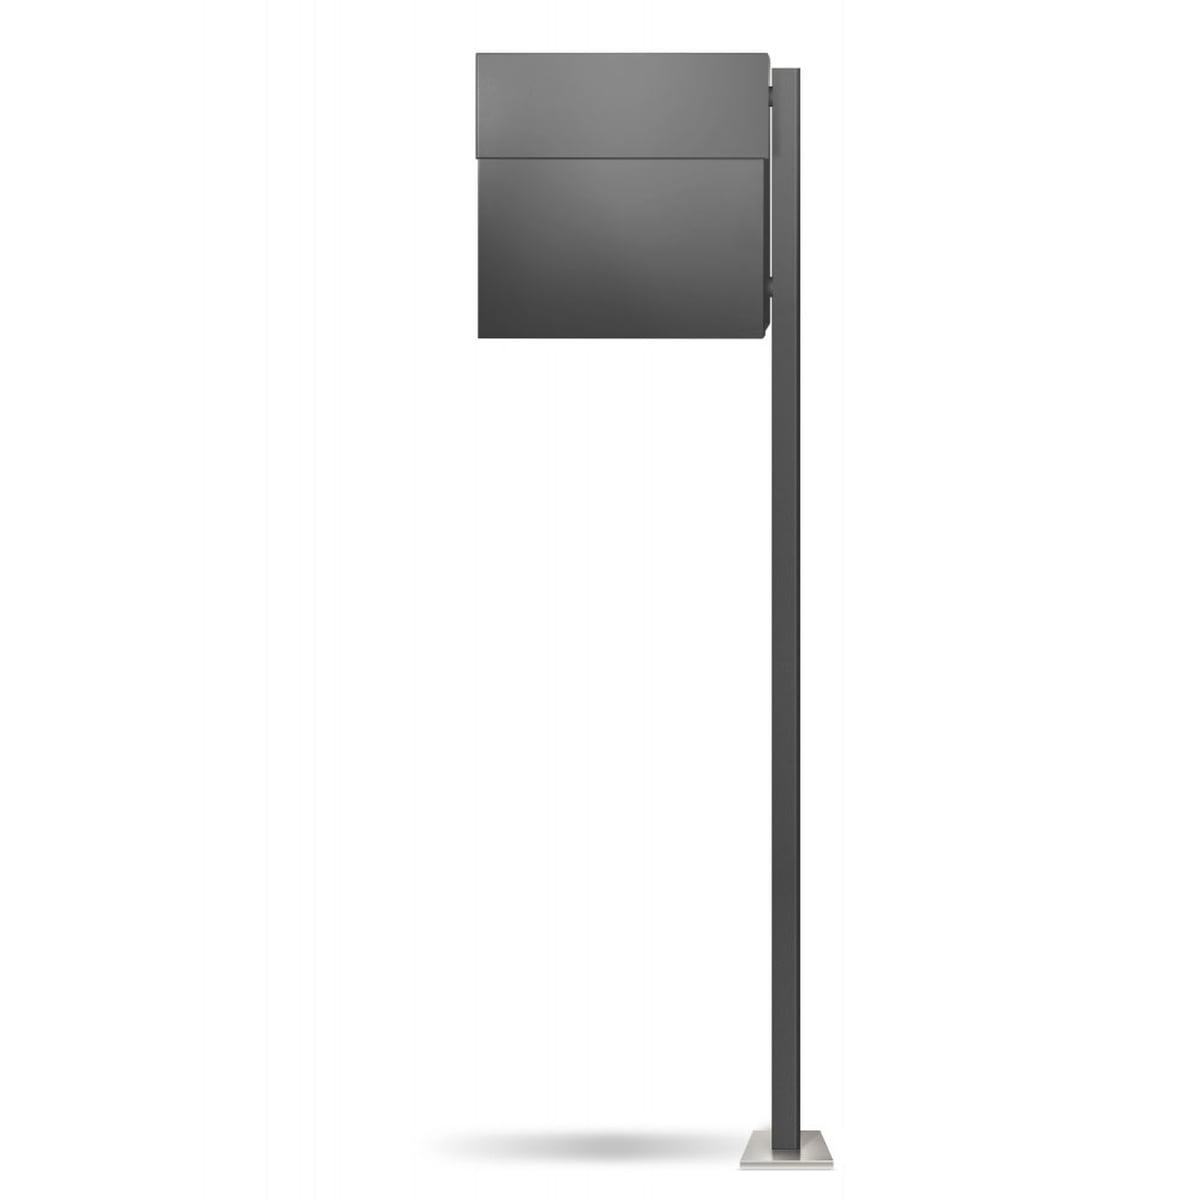 Radius Design Briefkasten Online Kaufen Mobel Suchmaschine